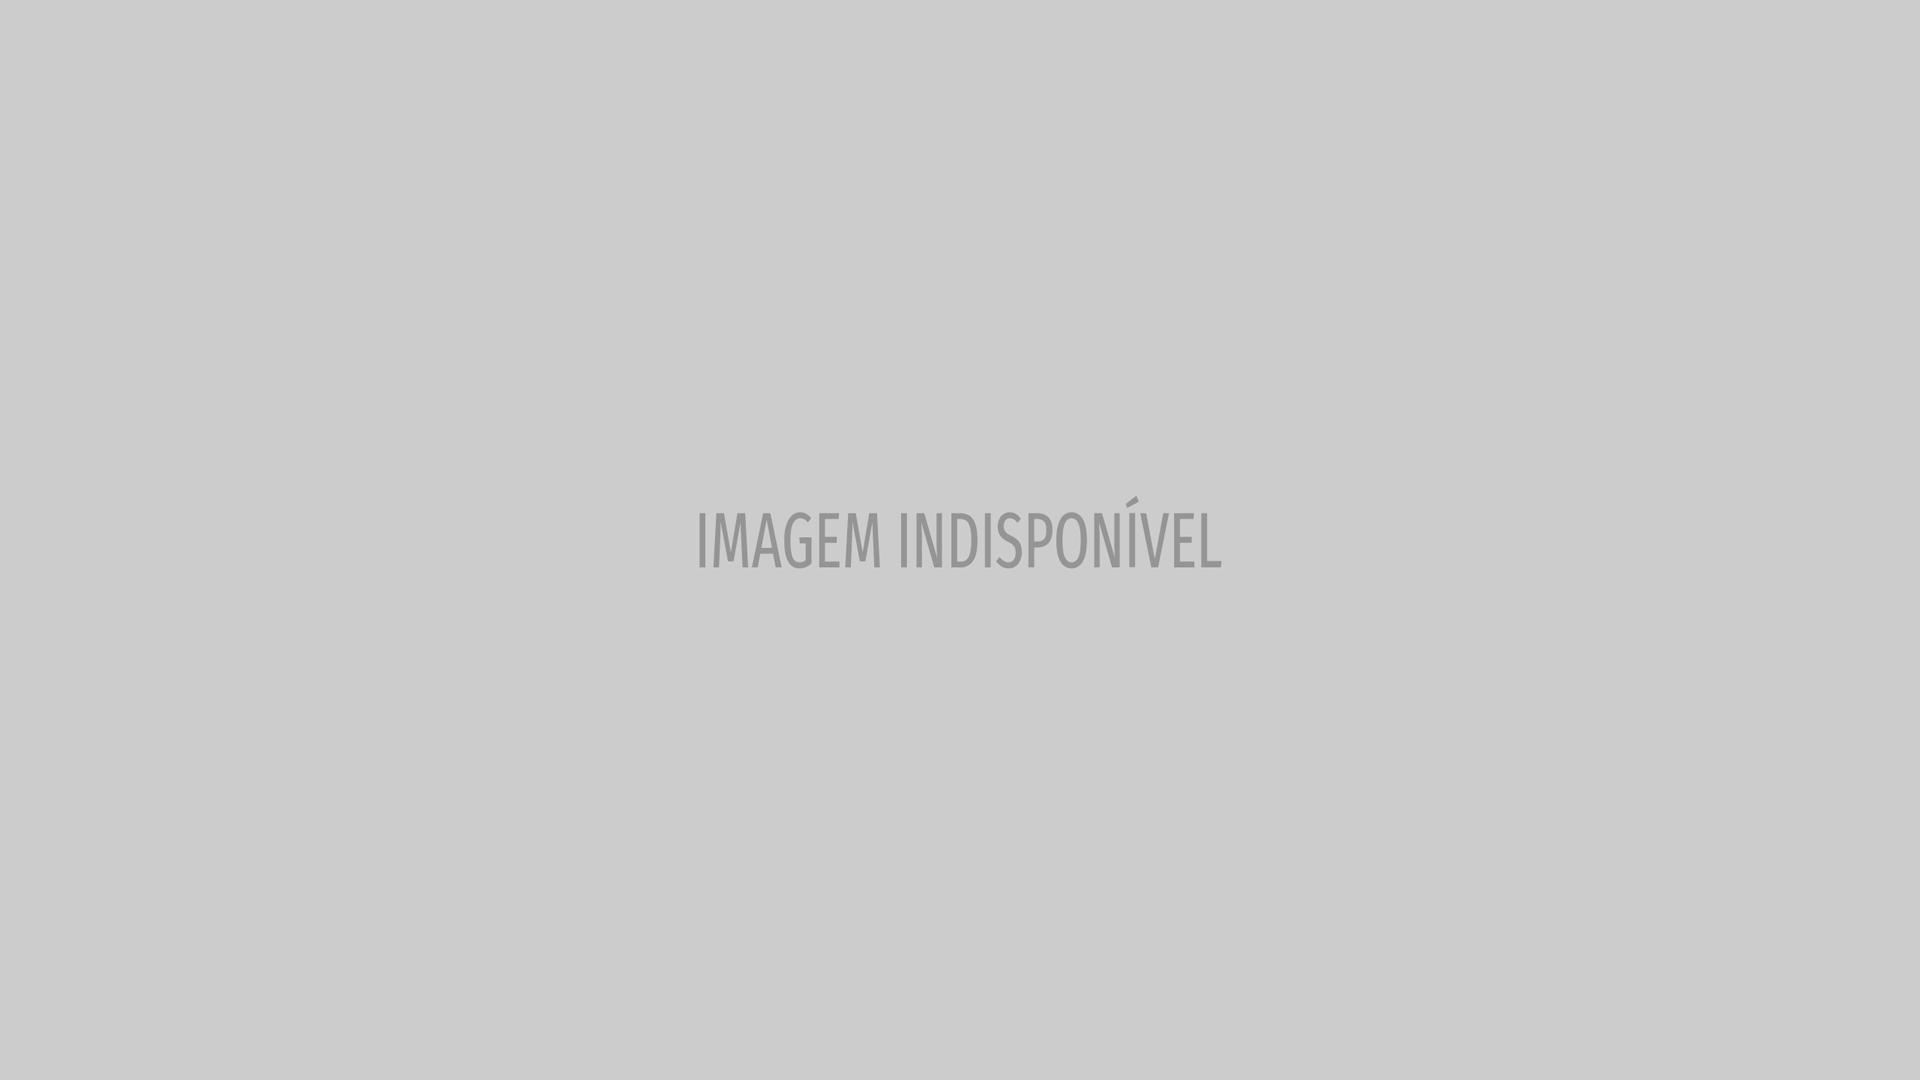 Dolores Aveiro reforça apoio a Ronaldo após acusações de violação